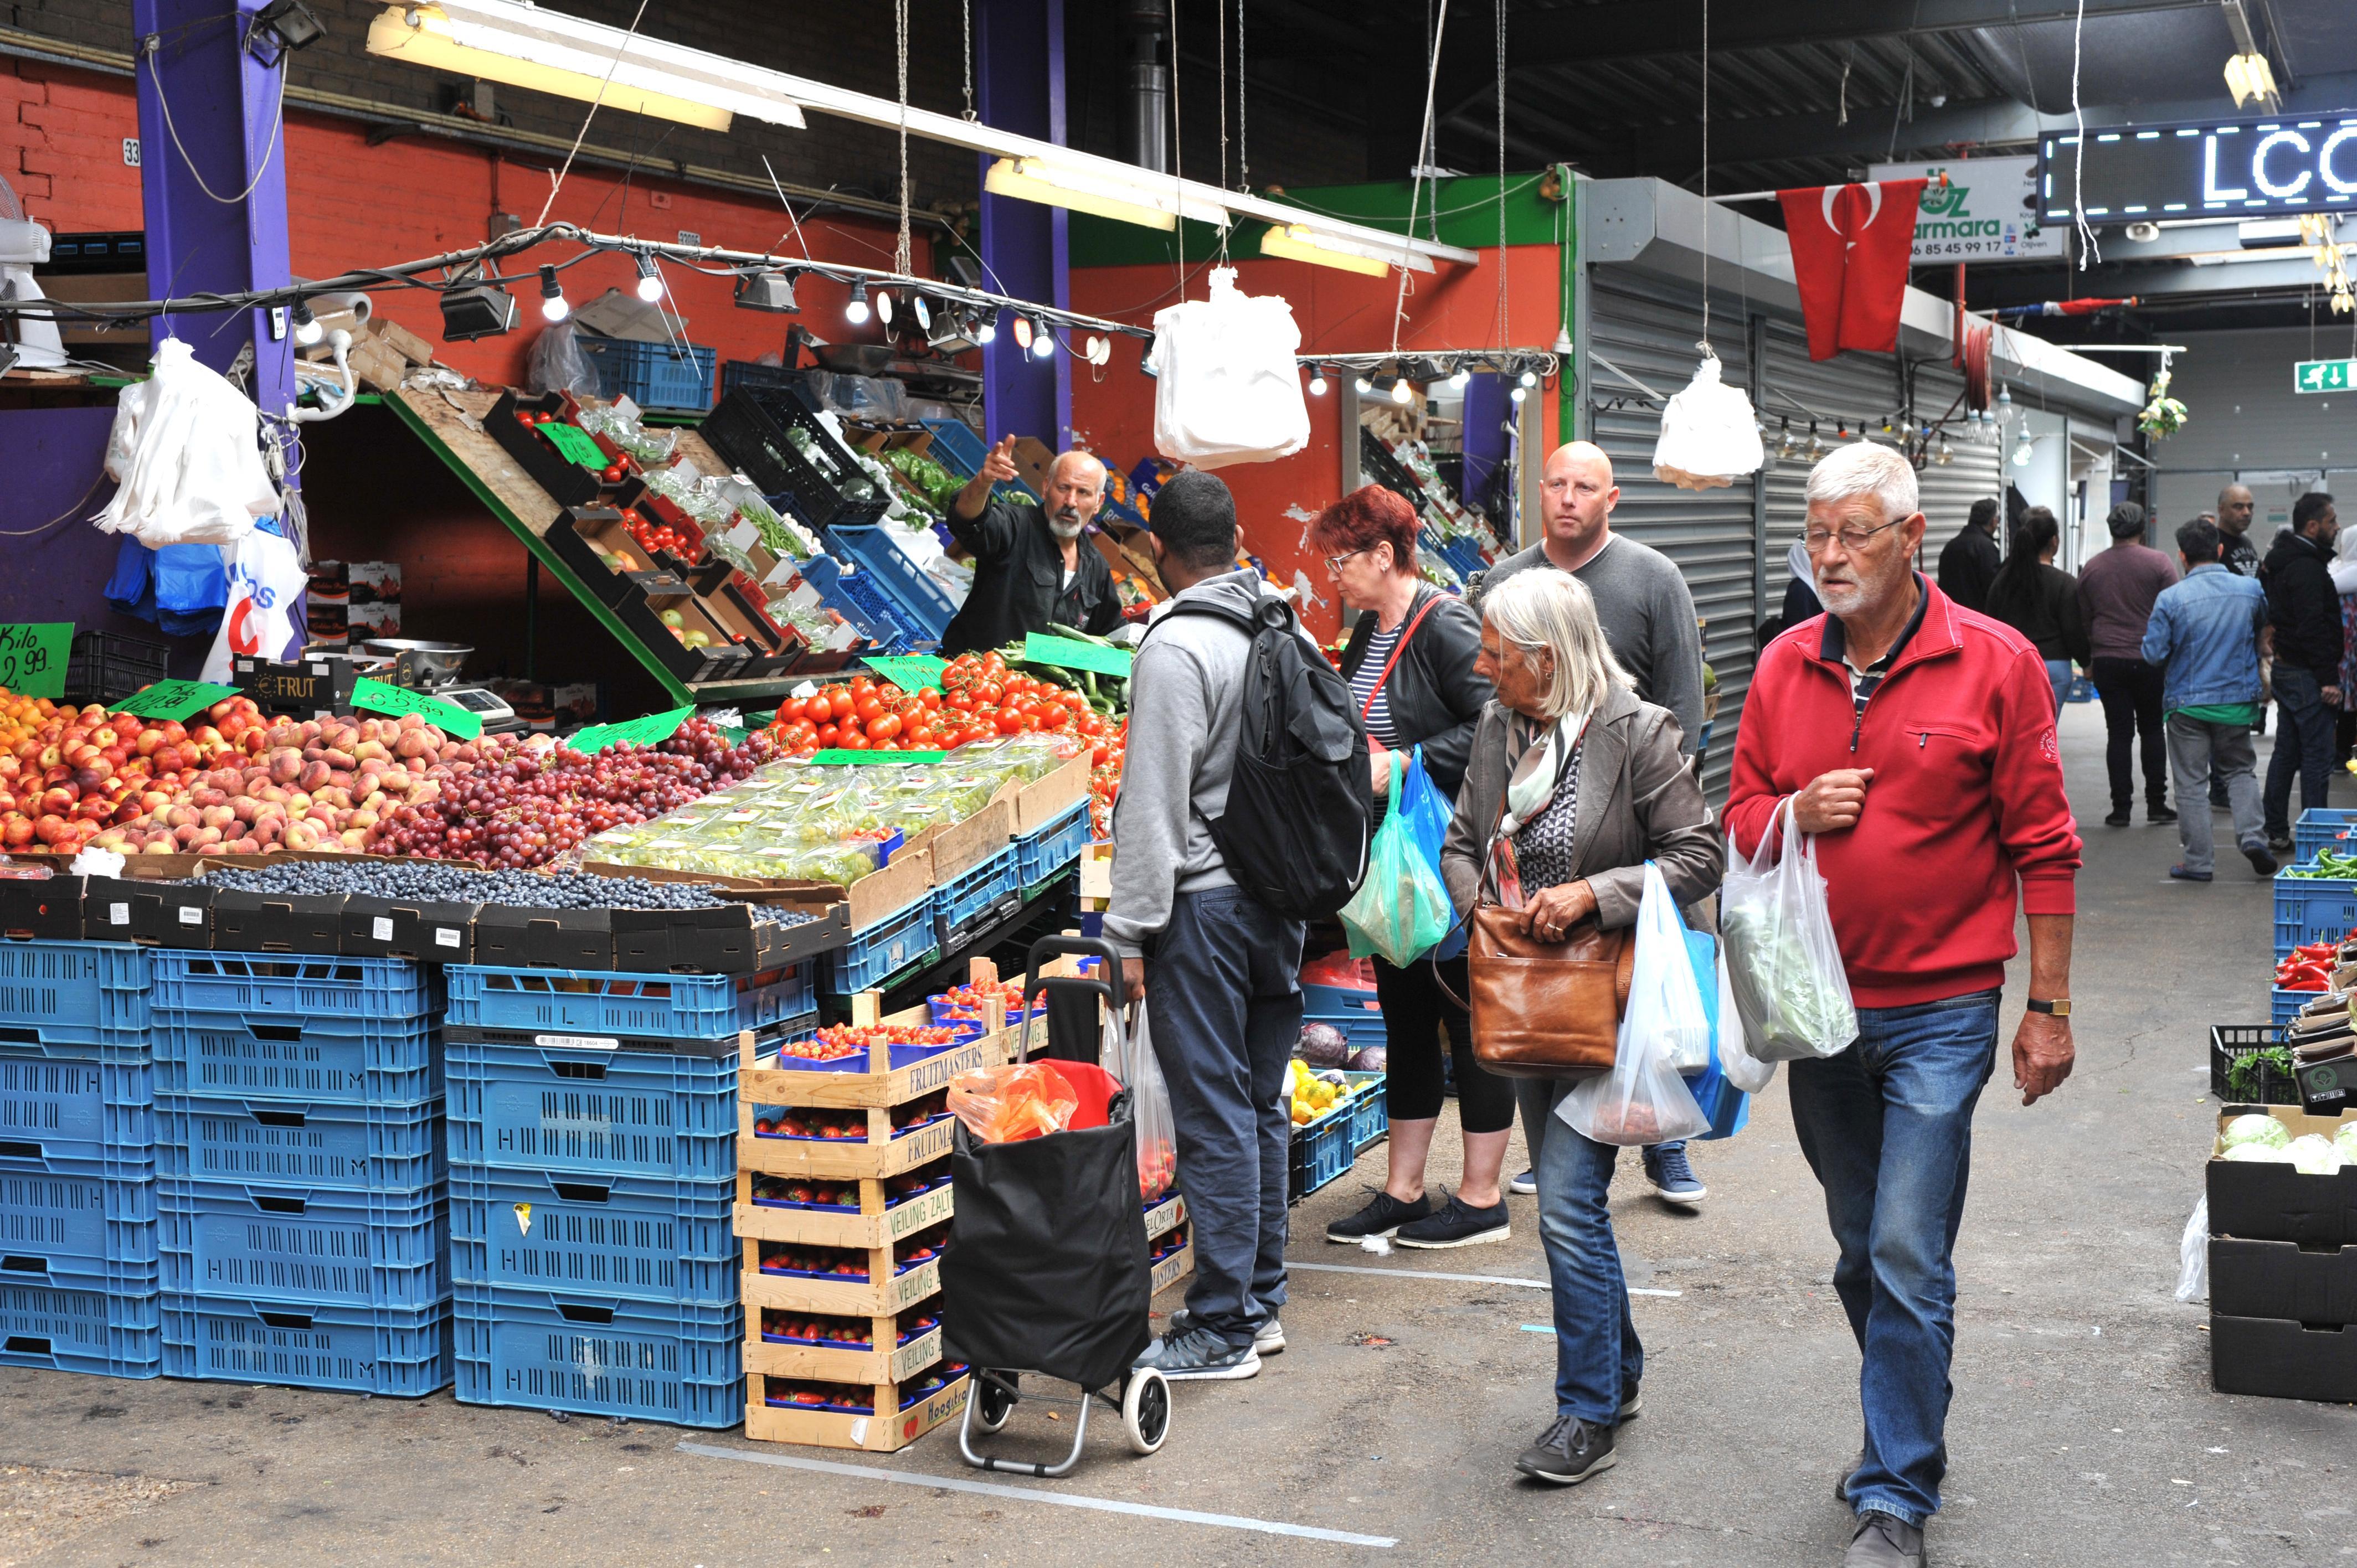 Bazaar Beverwijk verplicht mondkapjes bij te grote drukte